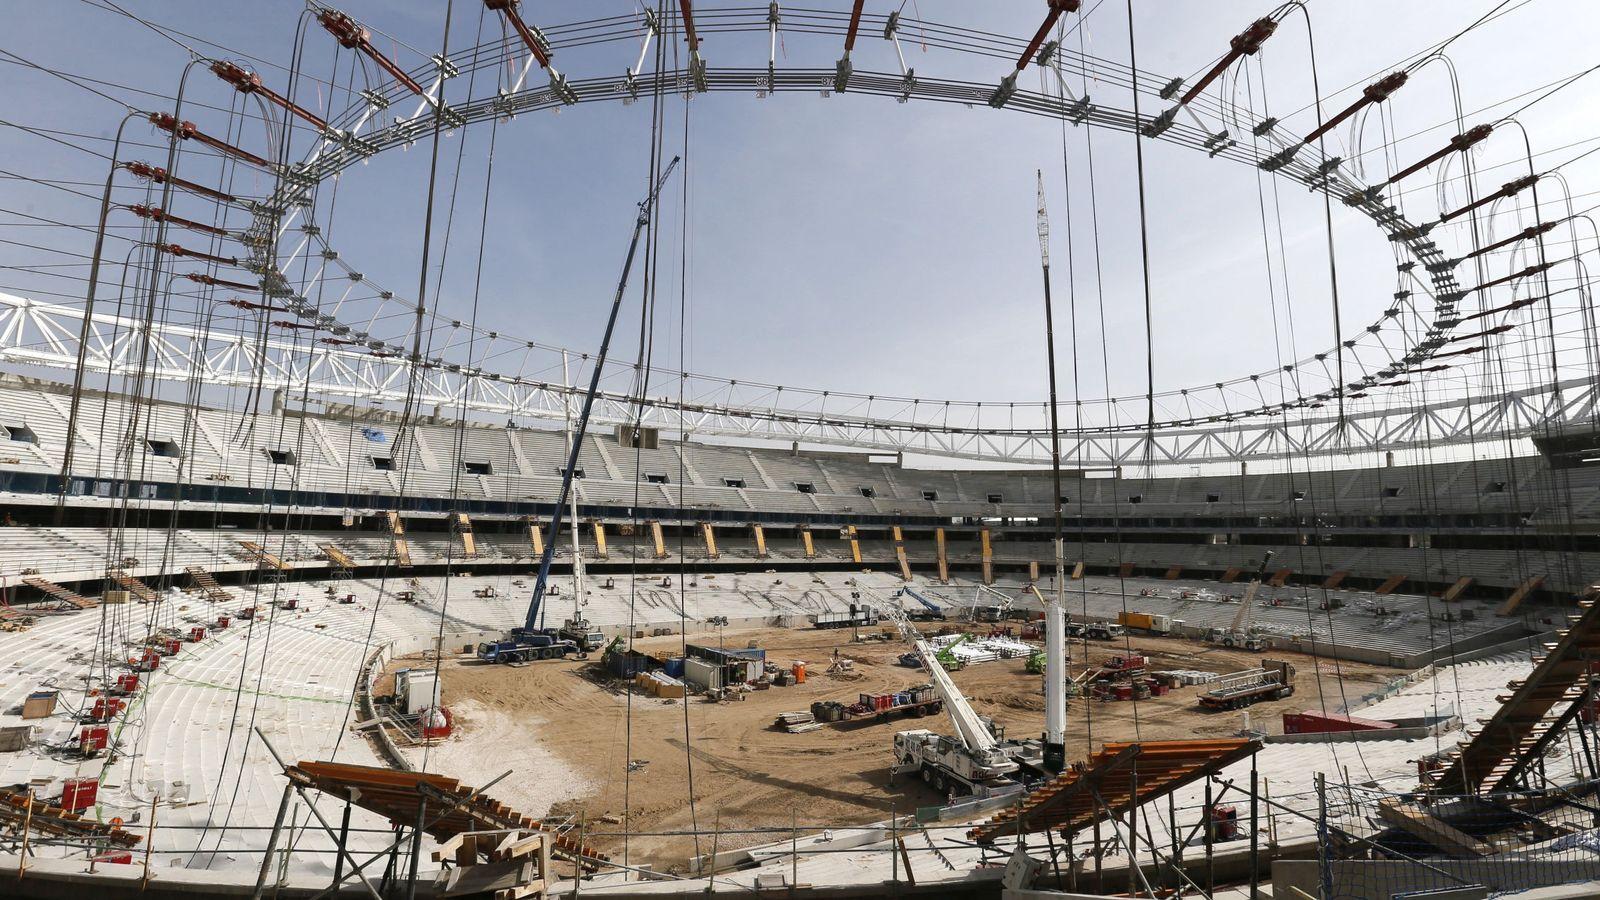 Foto: Las obras del estadio de la Peineta, ahora bautizado como Wanda Metropolitano, el pasado 24 de febrero. (EFE)